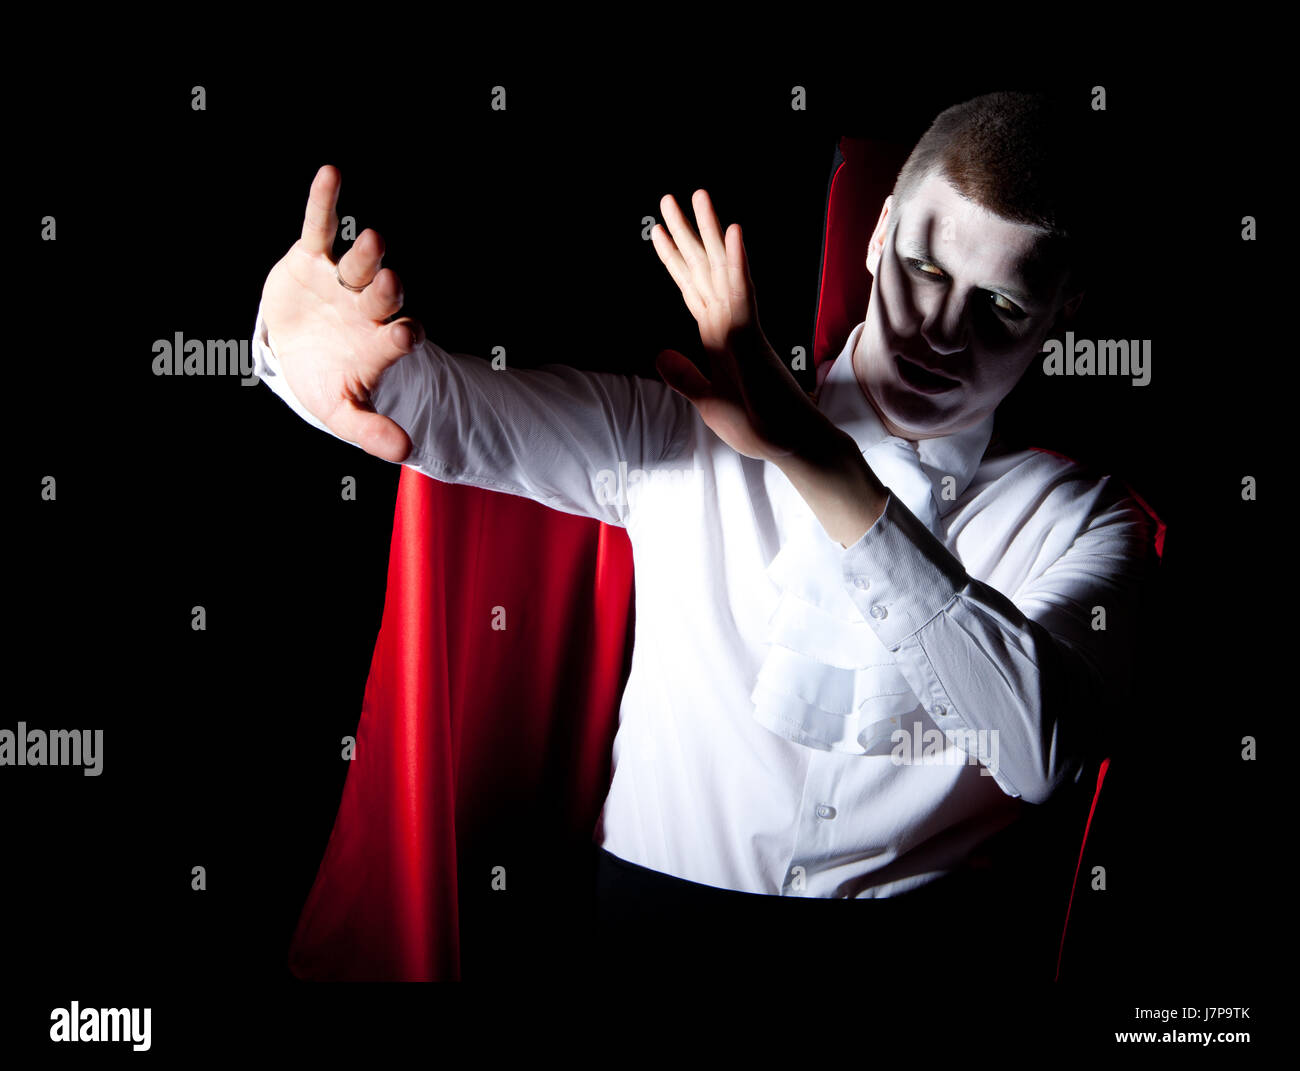 Douleur main mains danger défense protection protéger lumière ombre shaddow vampire Banque D'Images